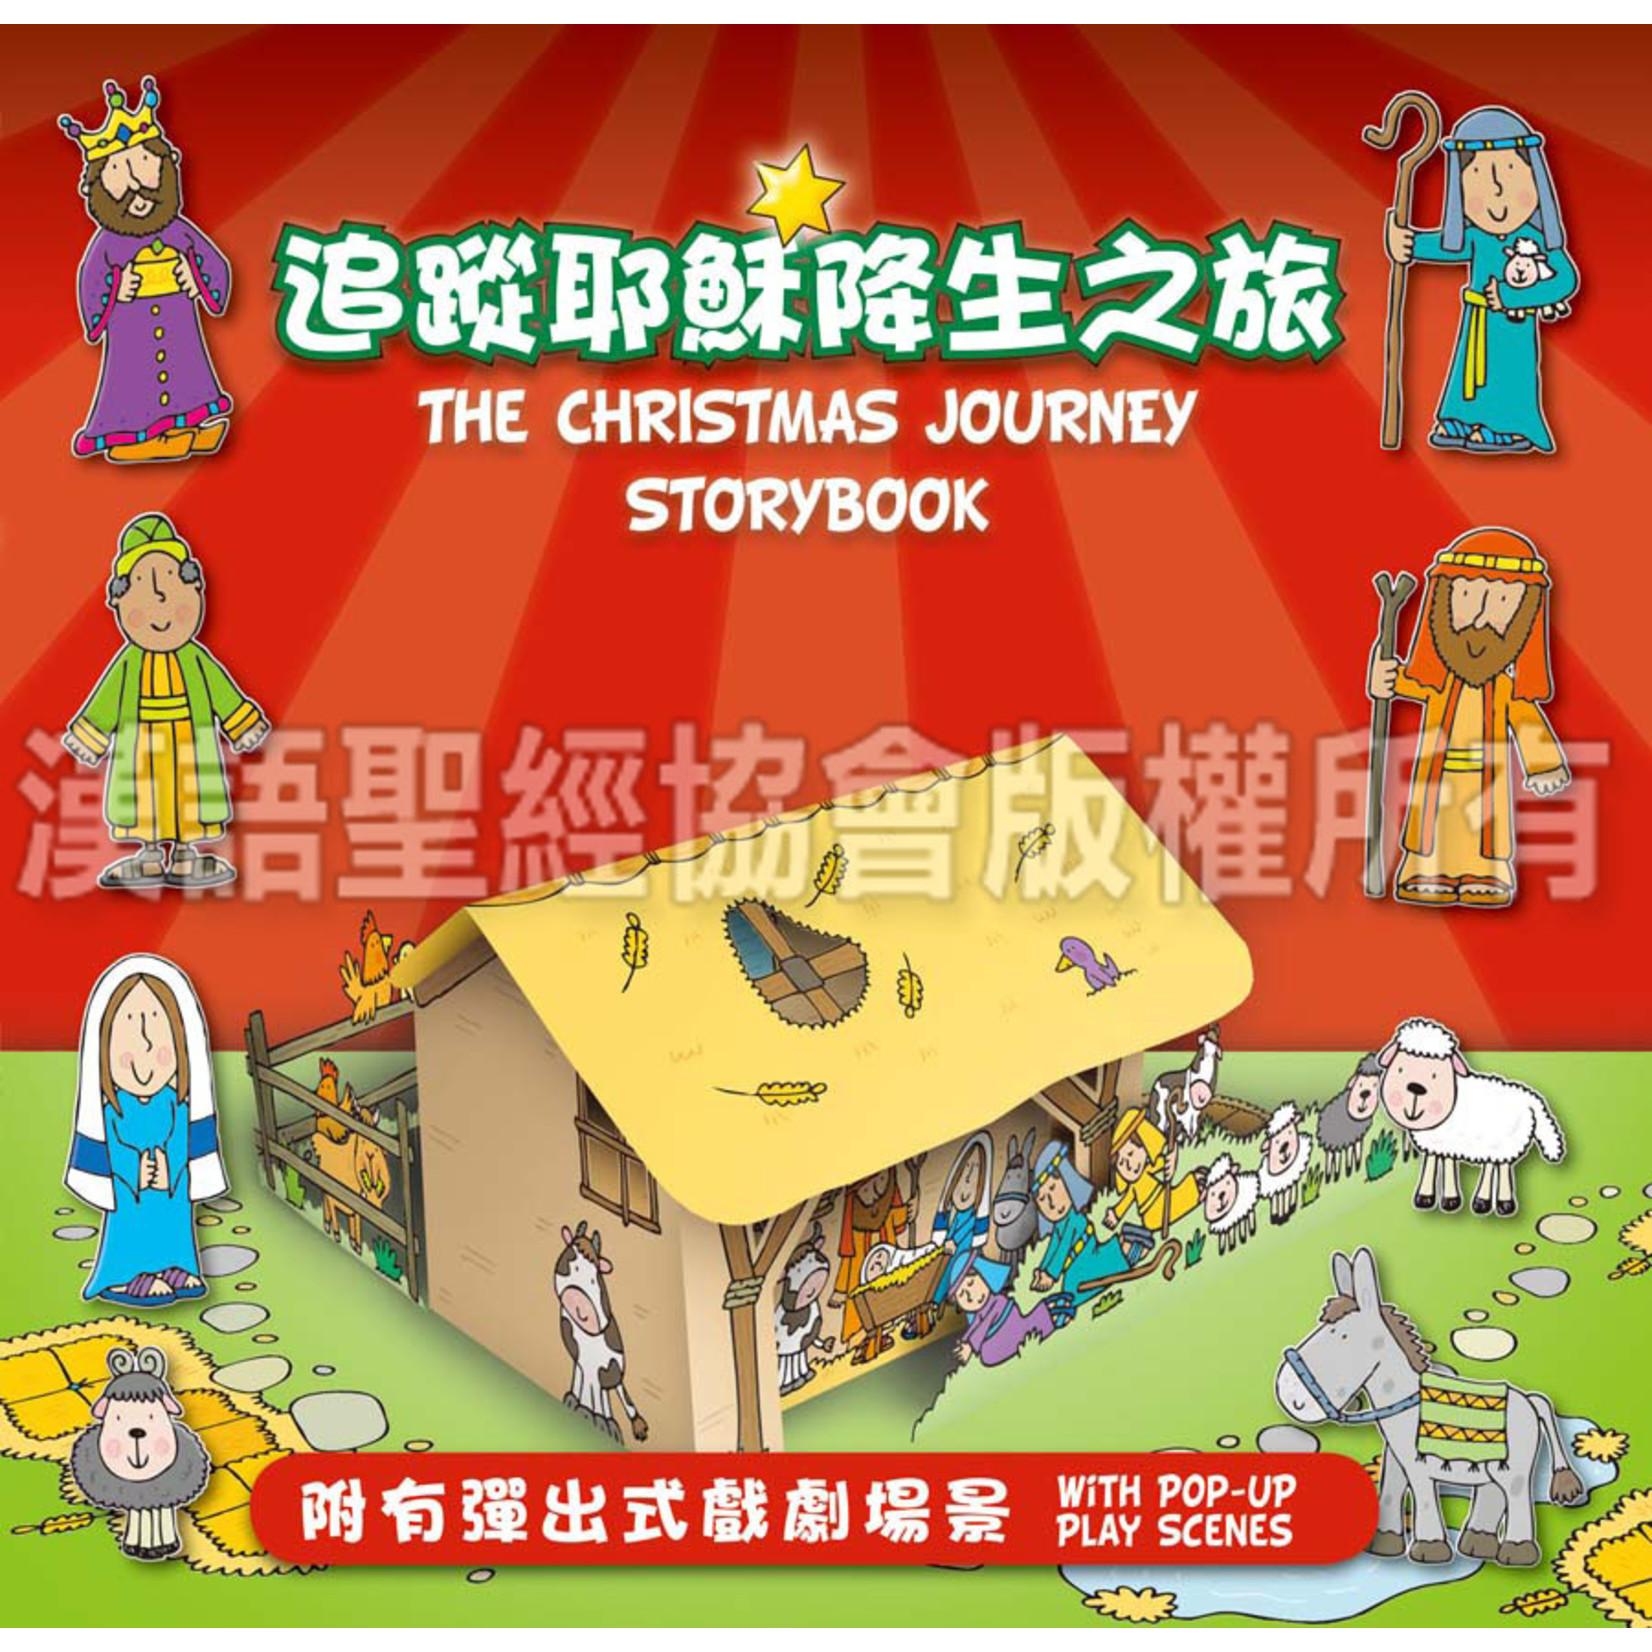 漢語聖經協會 Chinese Bible International 追蹤耶穌降生之旅(附有彈出式戲劇場景)(繁體) The Christmas Journey Storybook